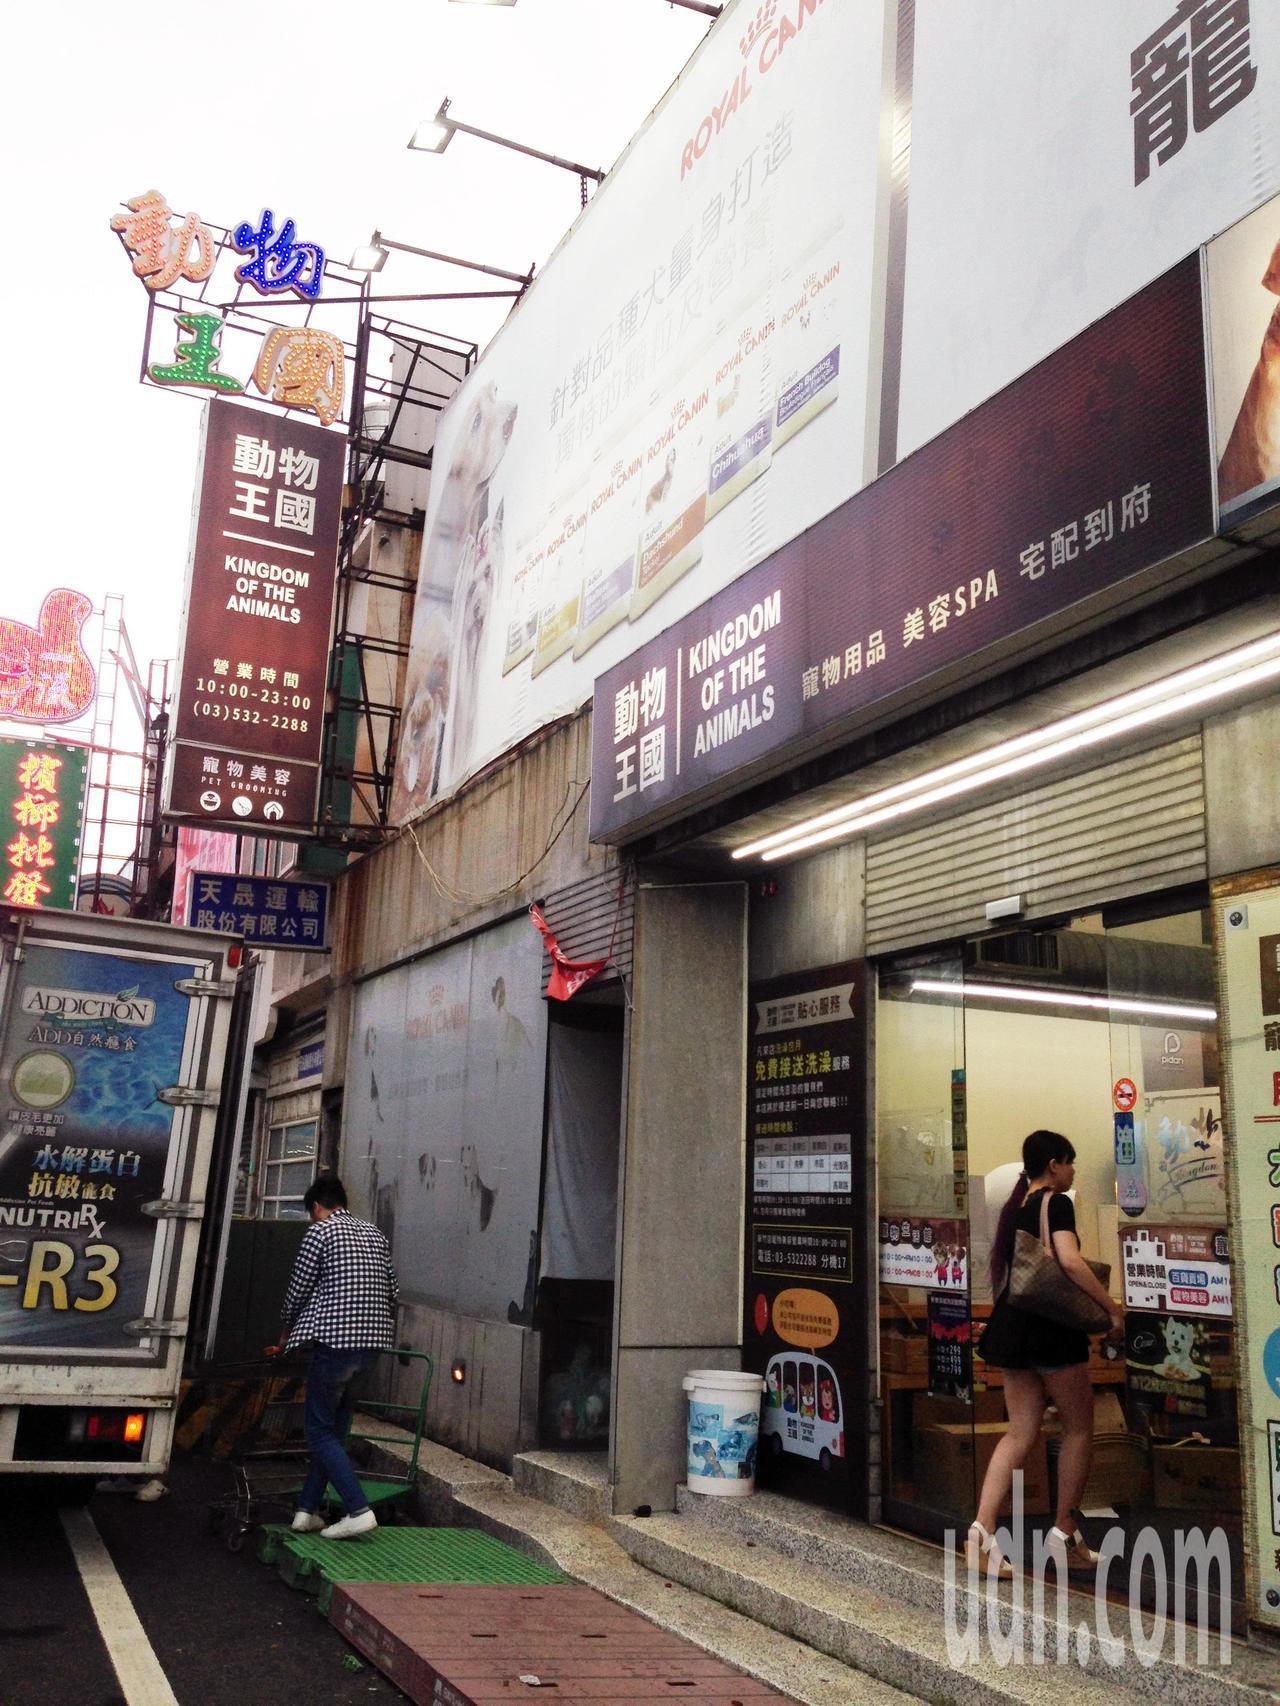 動物王國新竹店,目前有廠商盤點貨物。記者郭宣彣/攝影